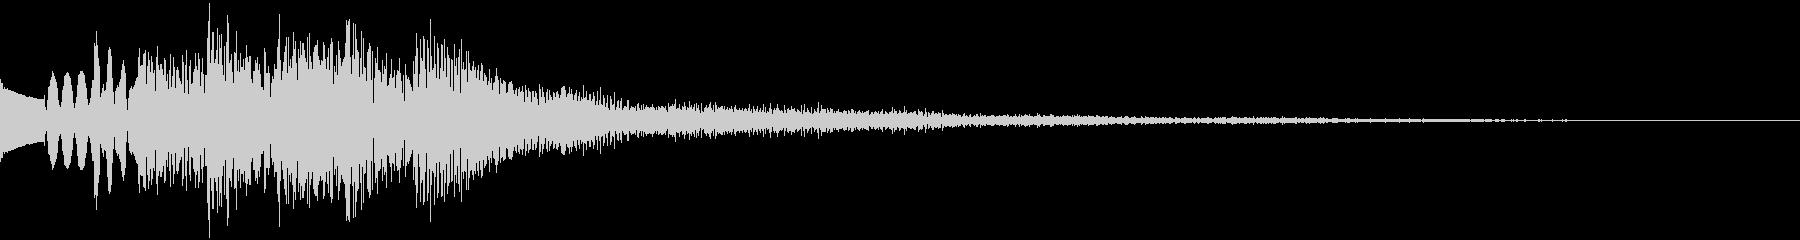 明るく安心感のある完了音の未再生の波形